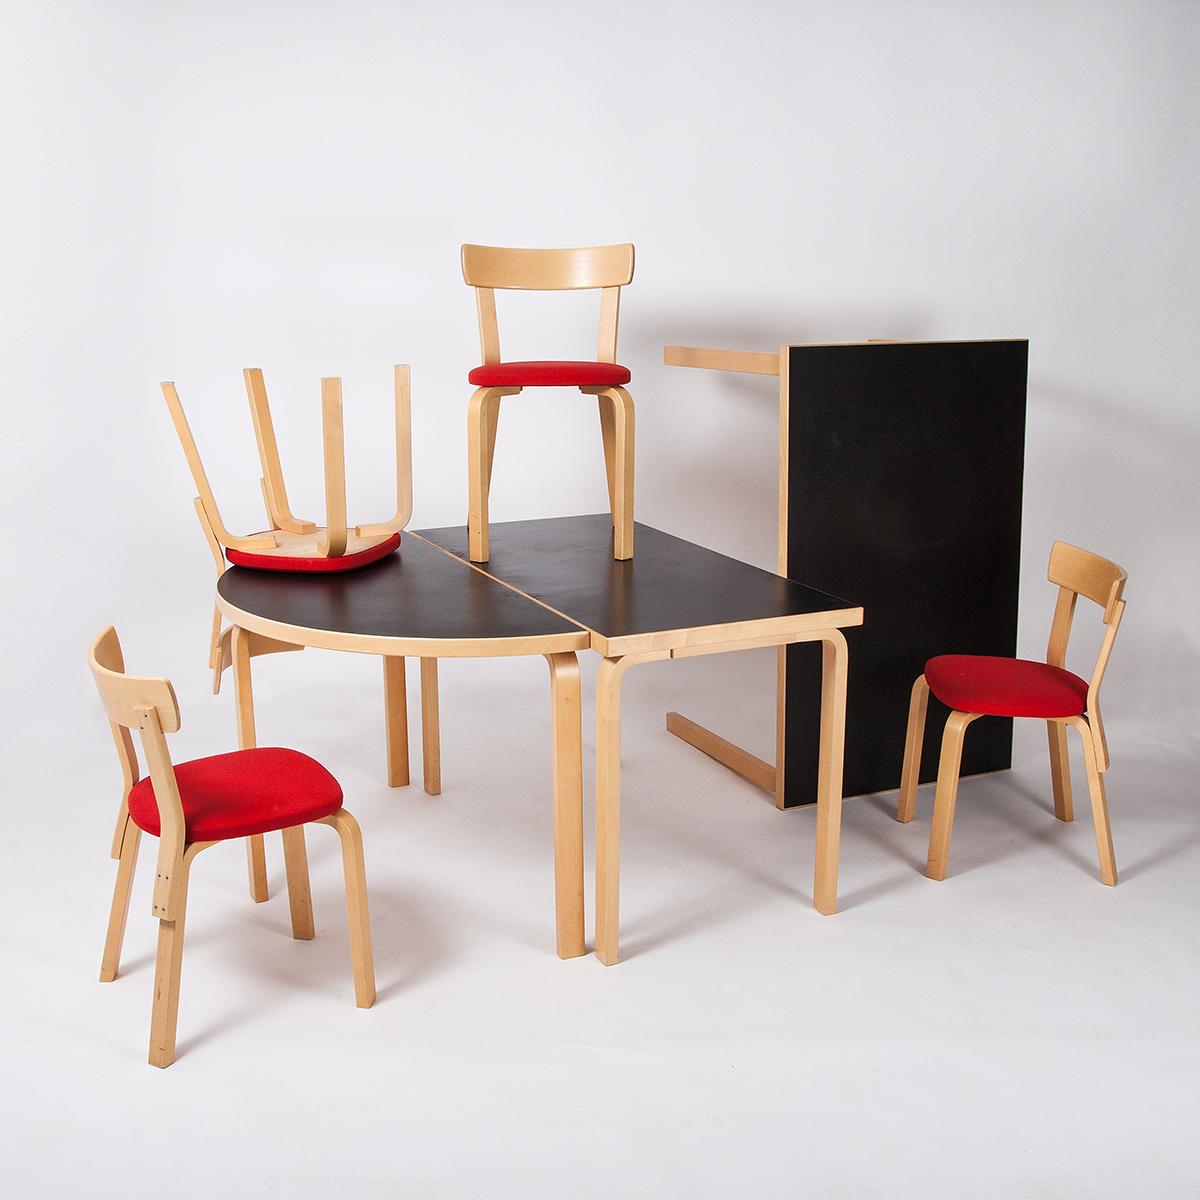 alvar aalto stuhl gepolstert 8 stk m bel z rich vintagem bel. Black Bedroom Furniture Sets. Home Design Ideas